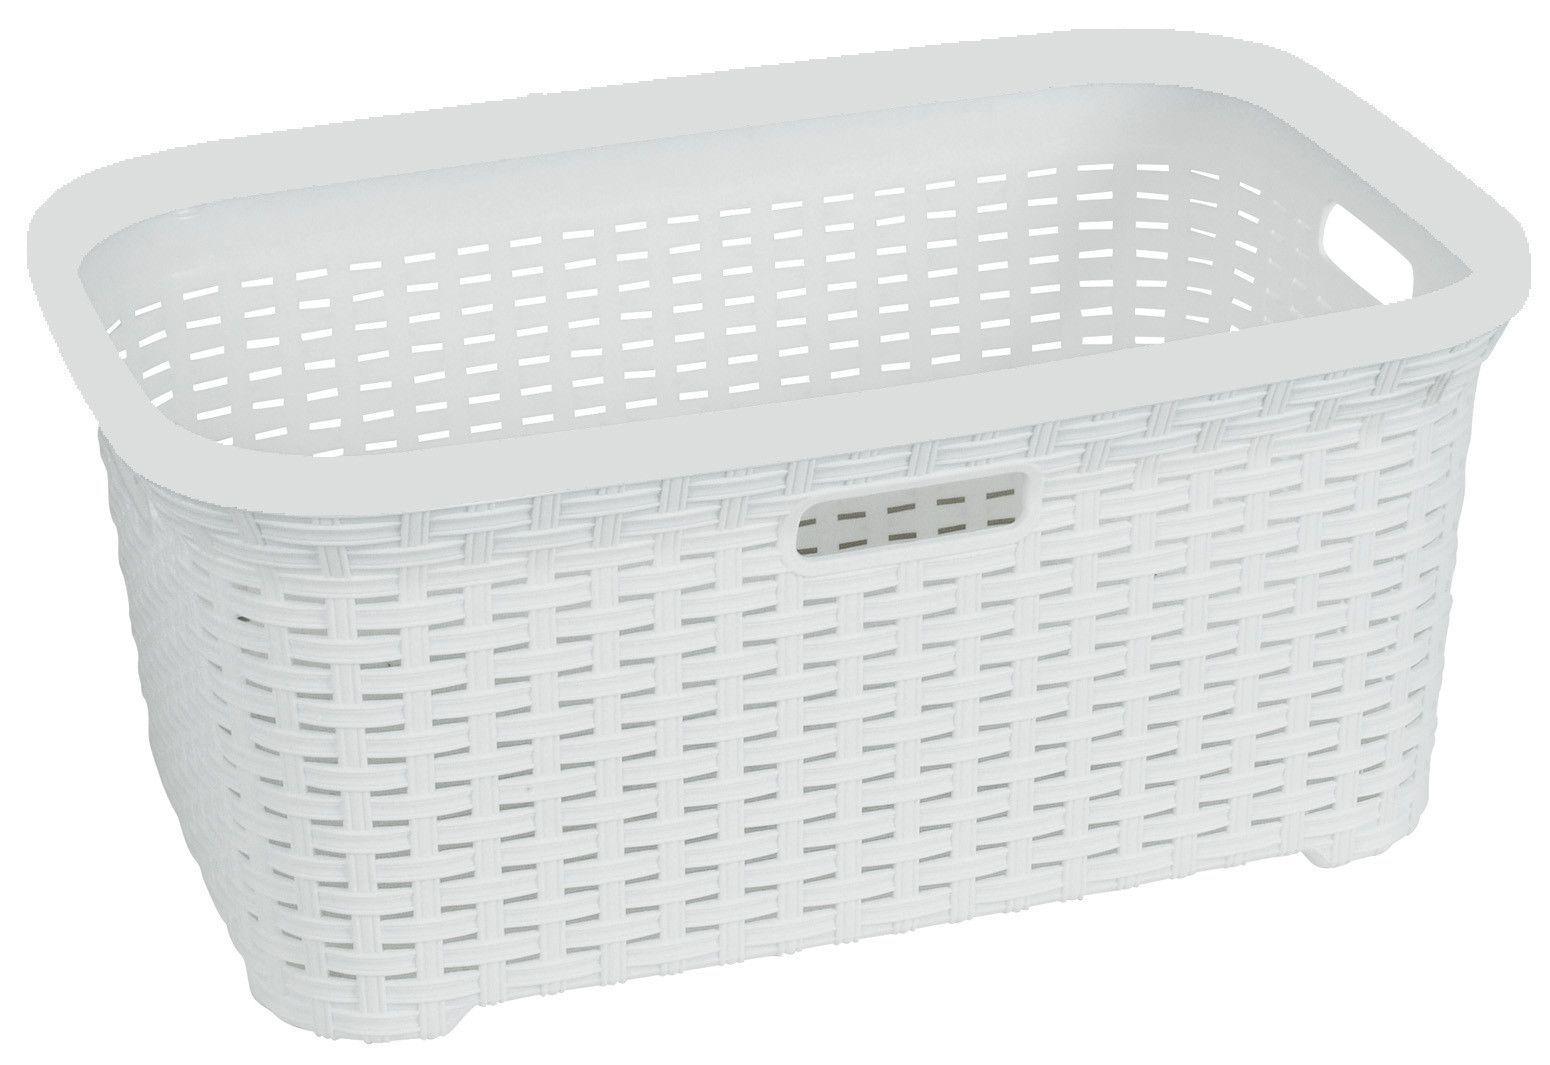 36+ Bathroom storage baskets walmart info